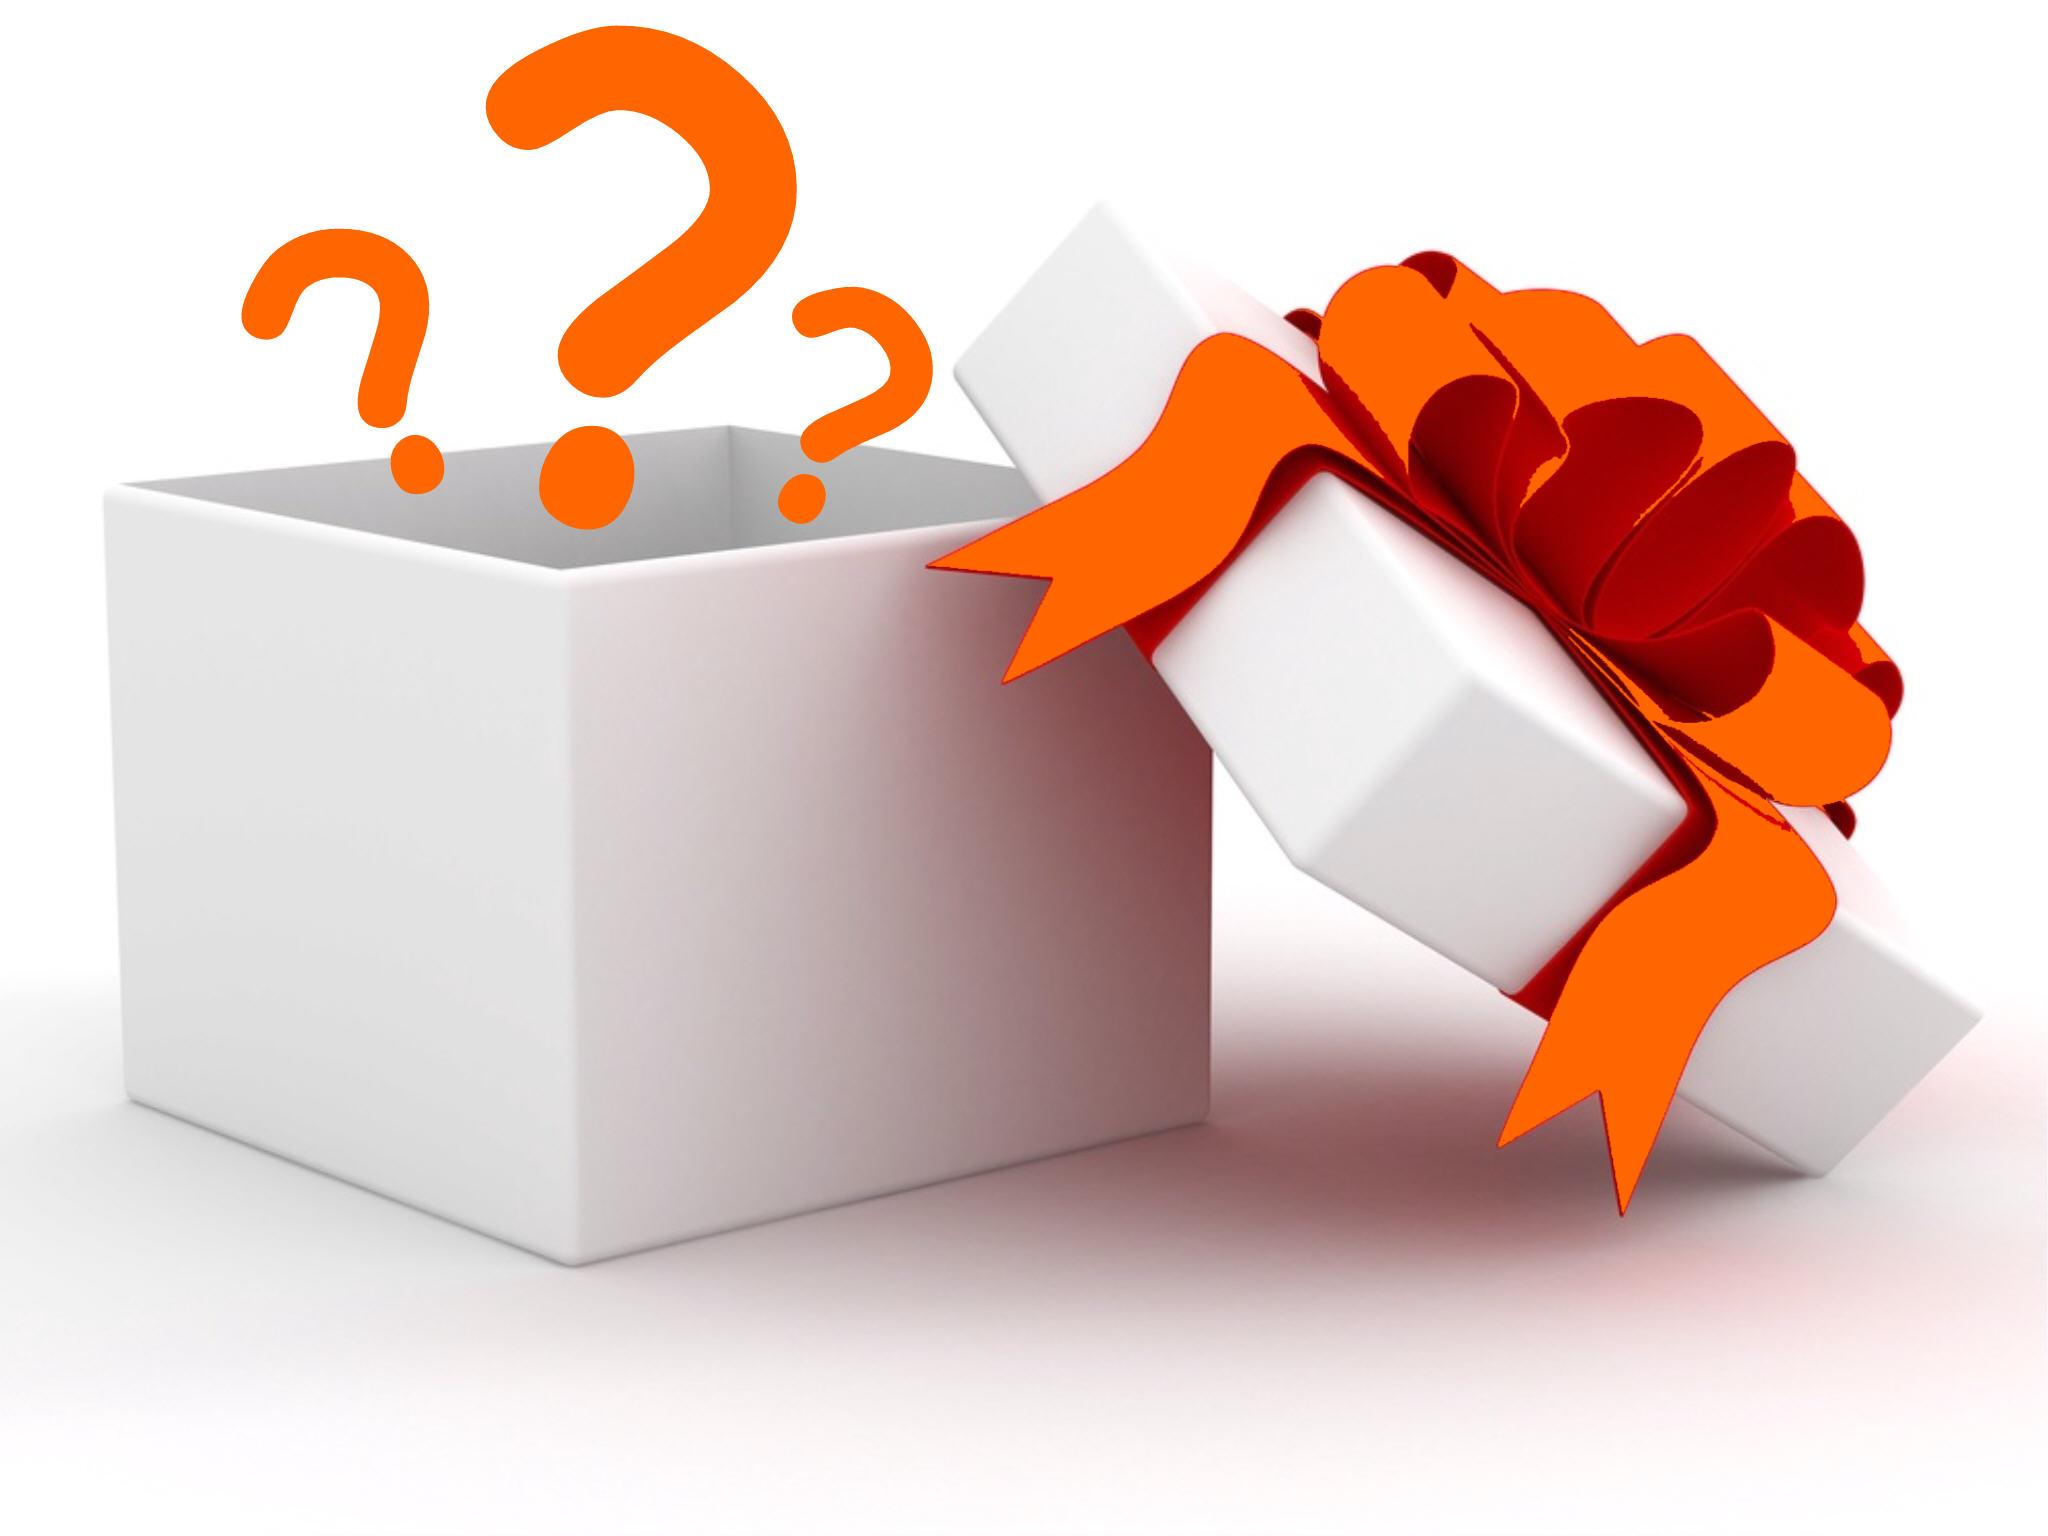 Викторина по сказке Подарки феи - тест онлайн игра - вопросы с